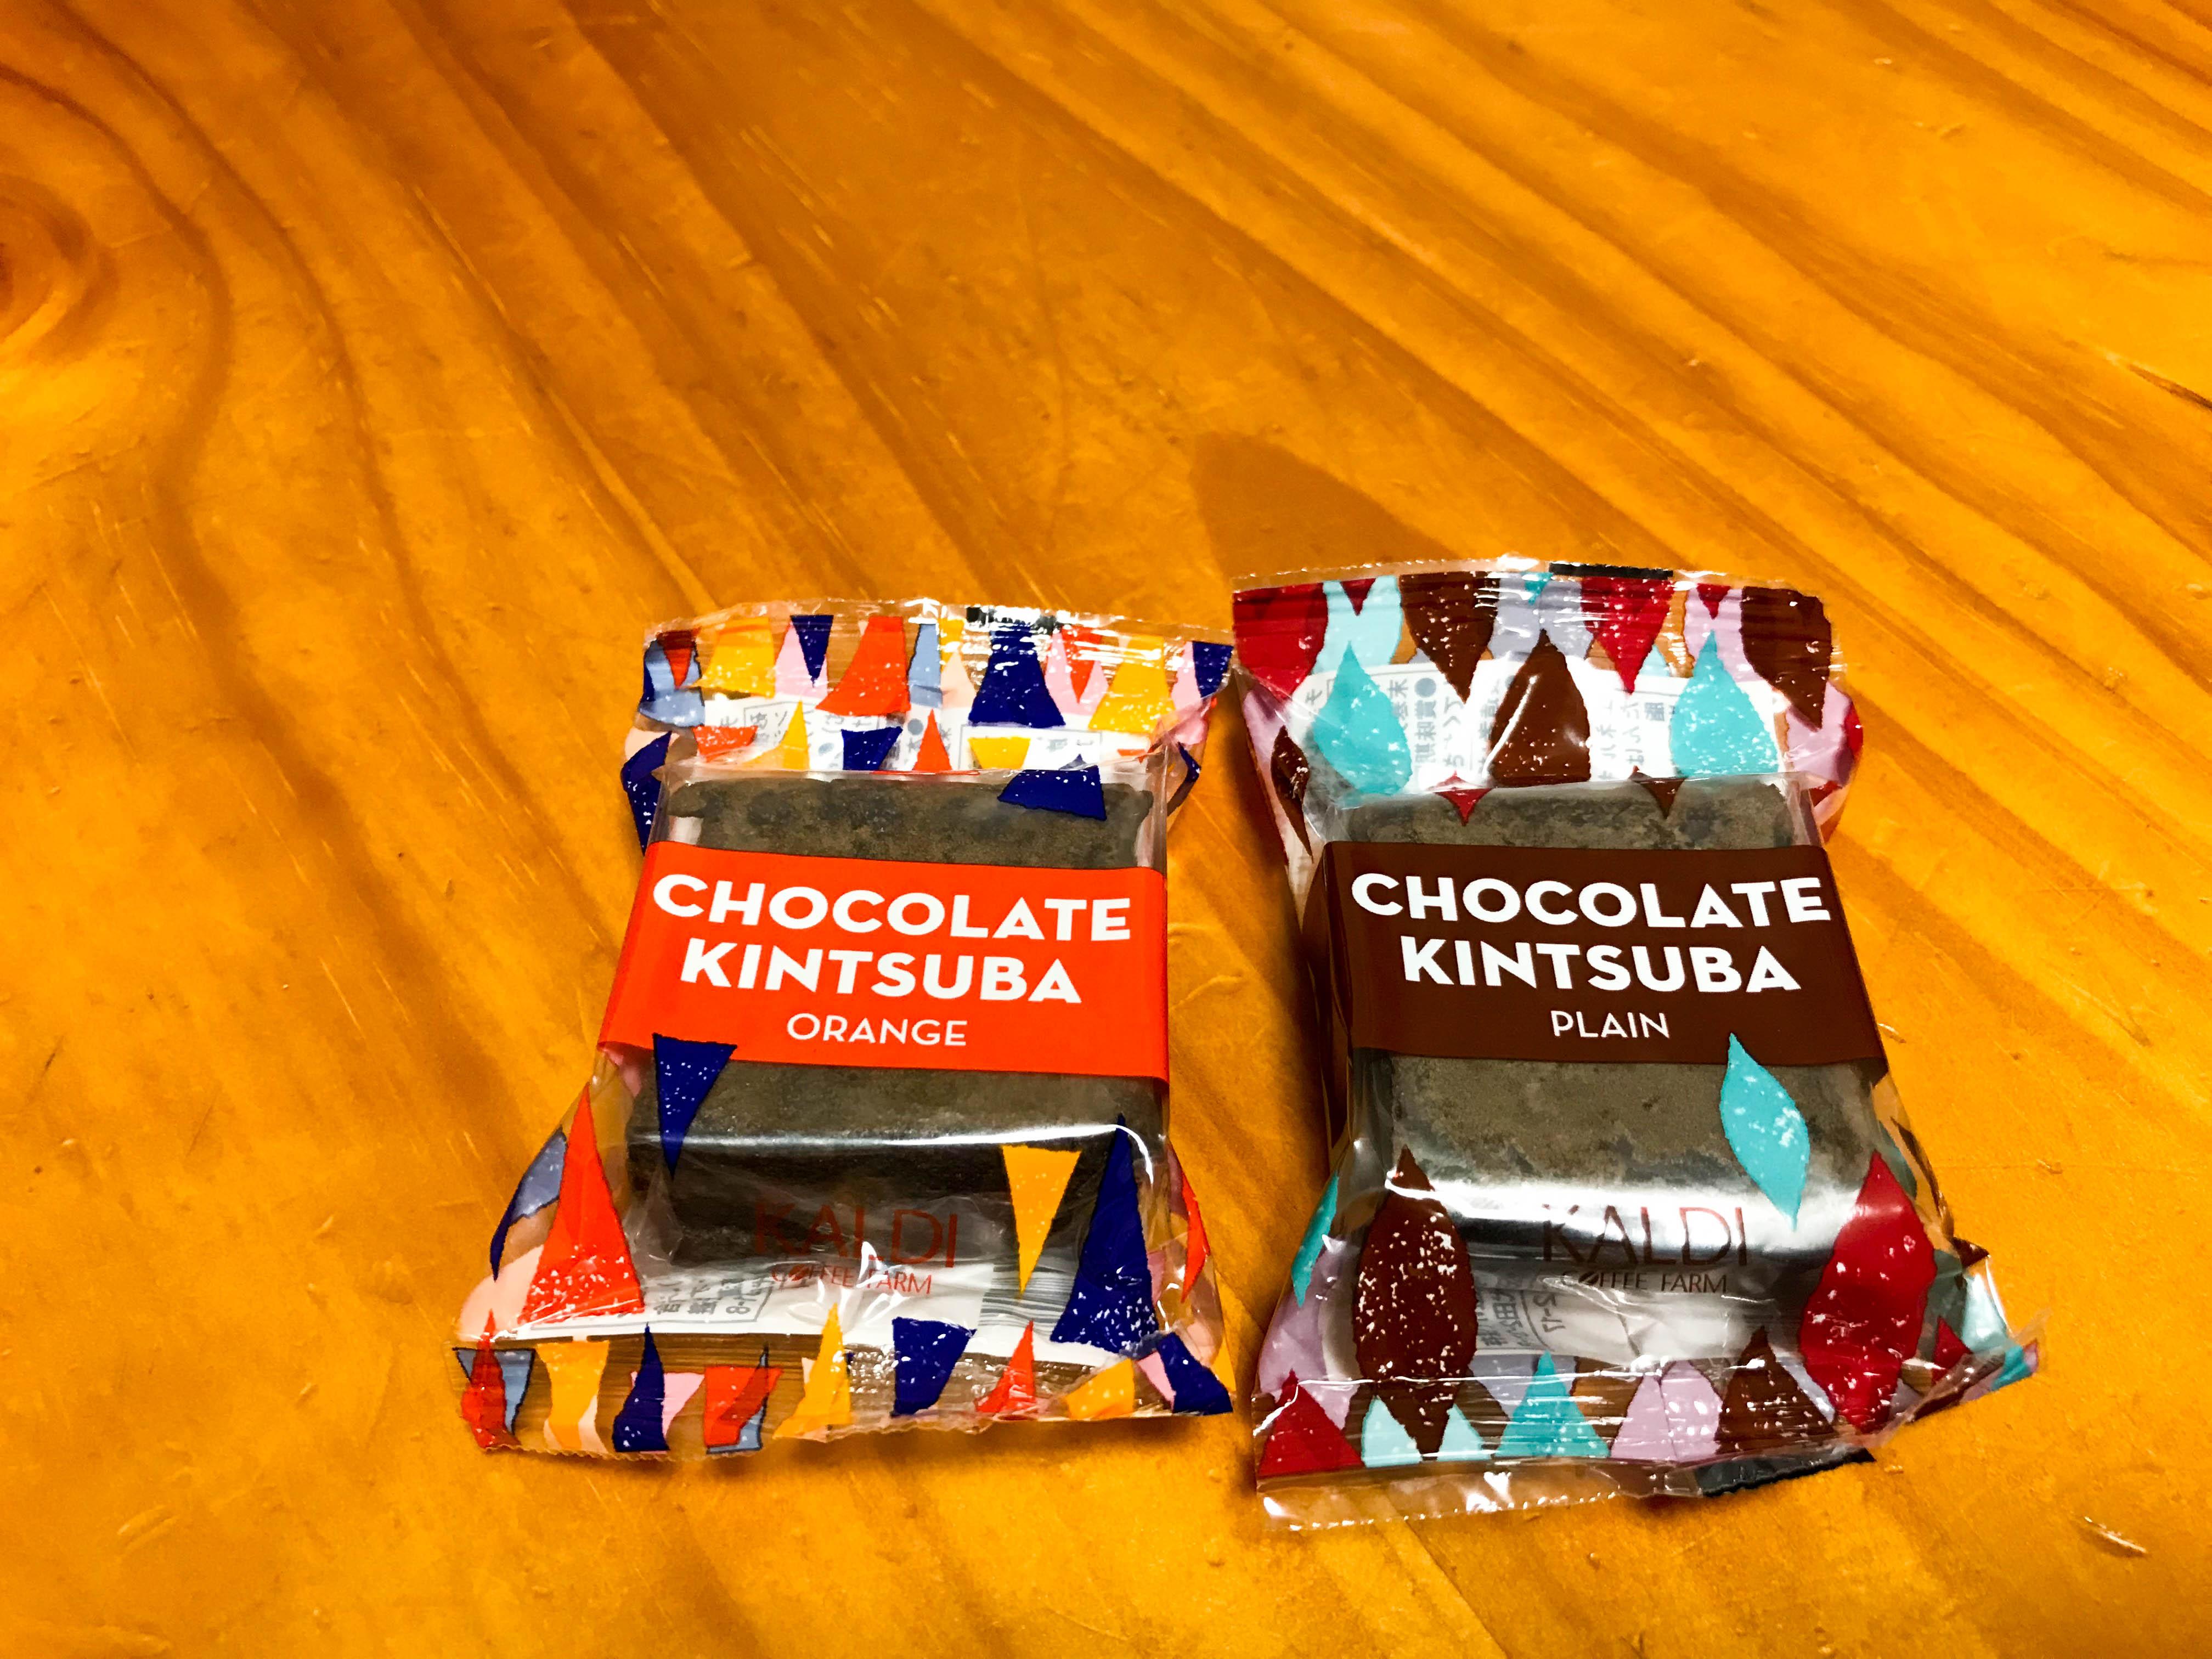 【カルディ チョコレートきんつば】 チョコレートと小豆の融合。興味本位で購入したら当たり商品でした!